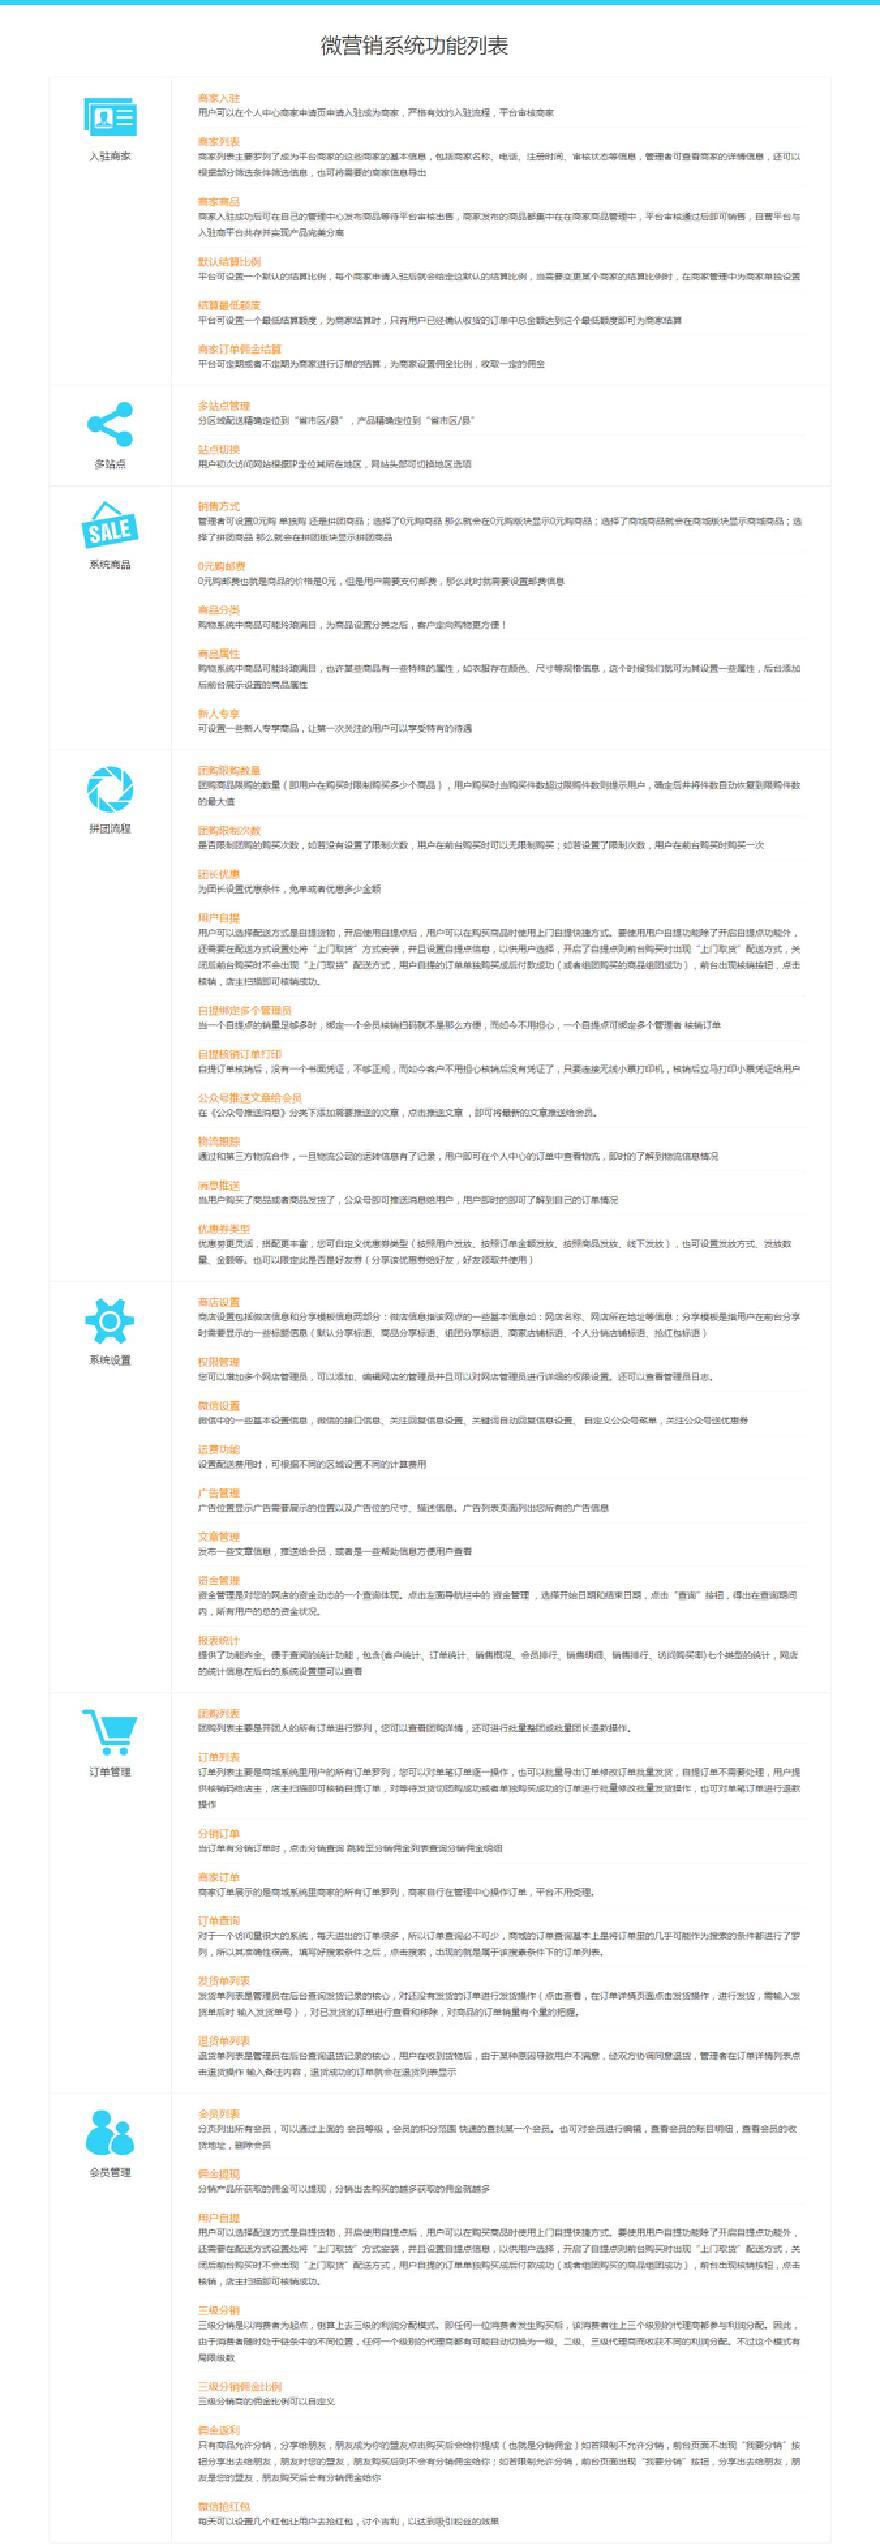 微信分销拼团系统、三级分销系统源码+支持多商户入驻+拼团+微商城+分销